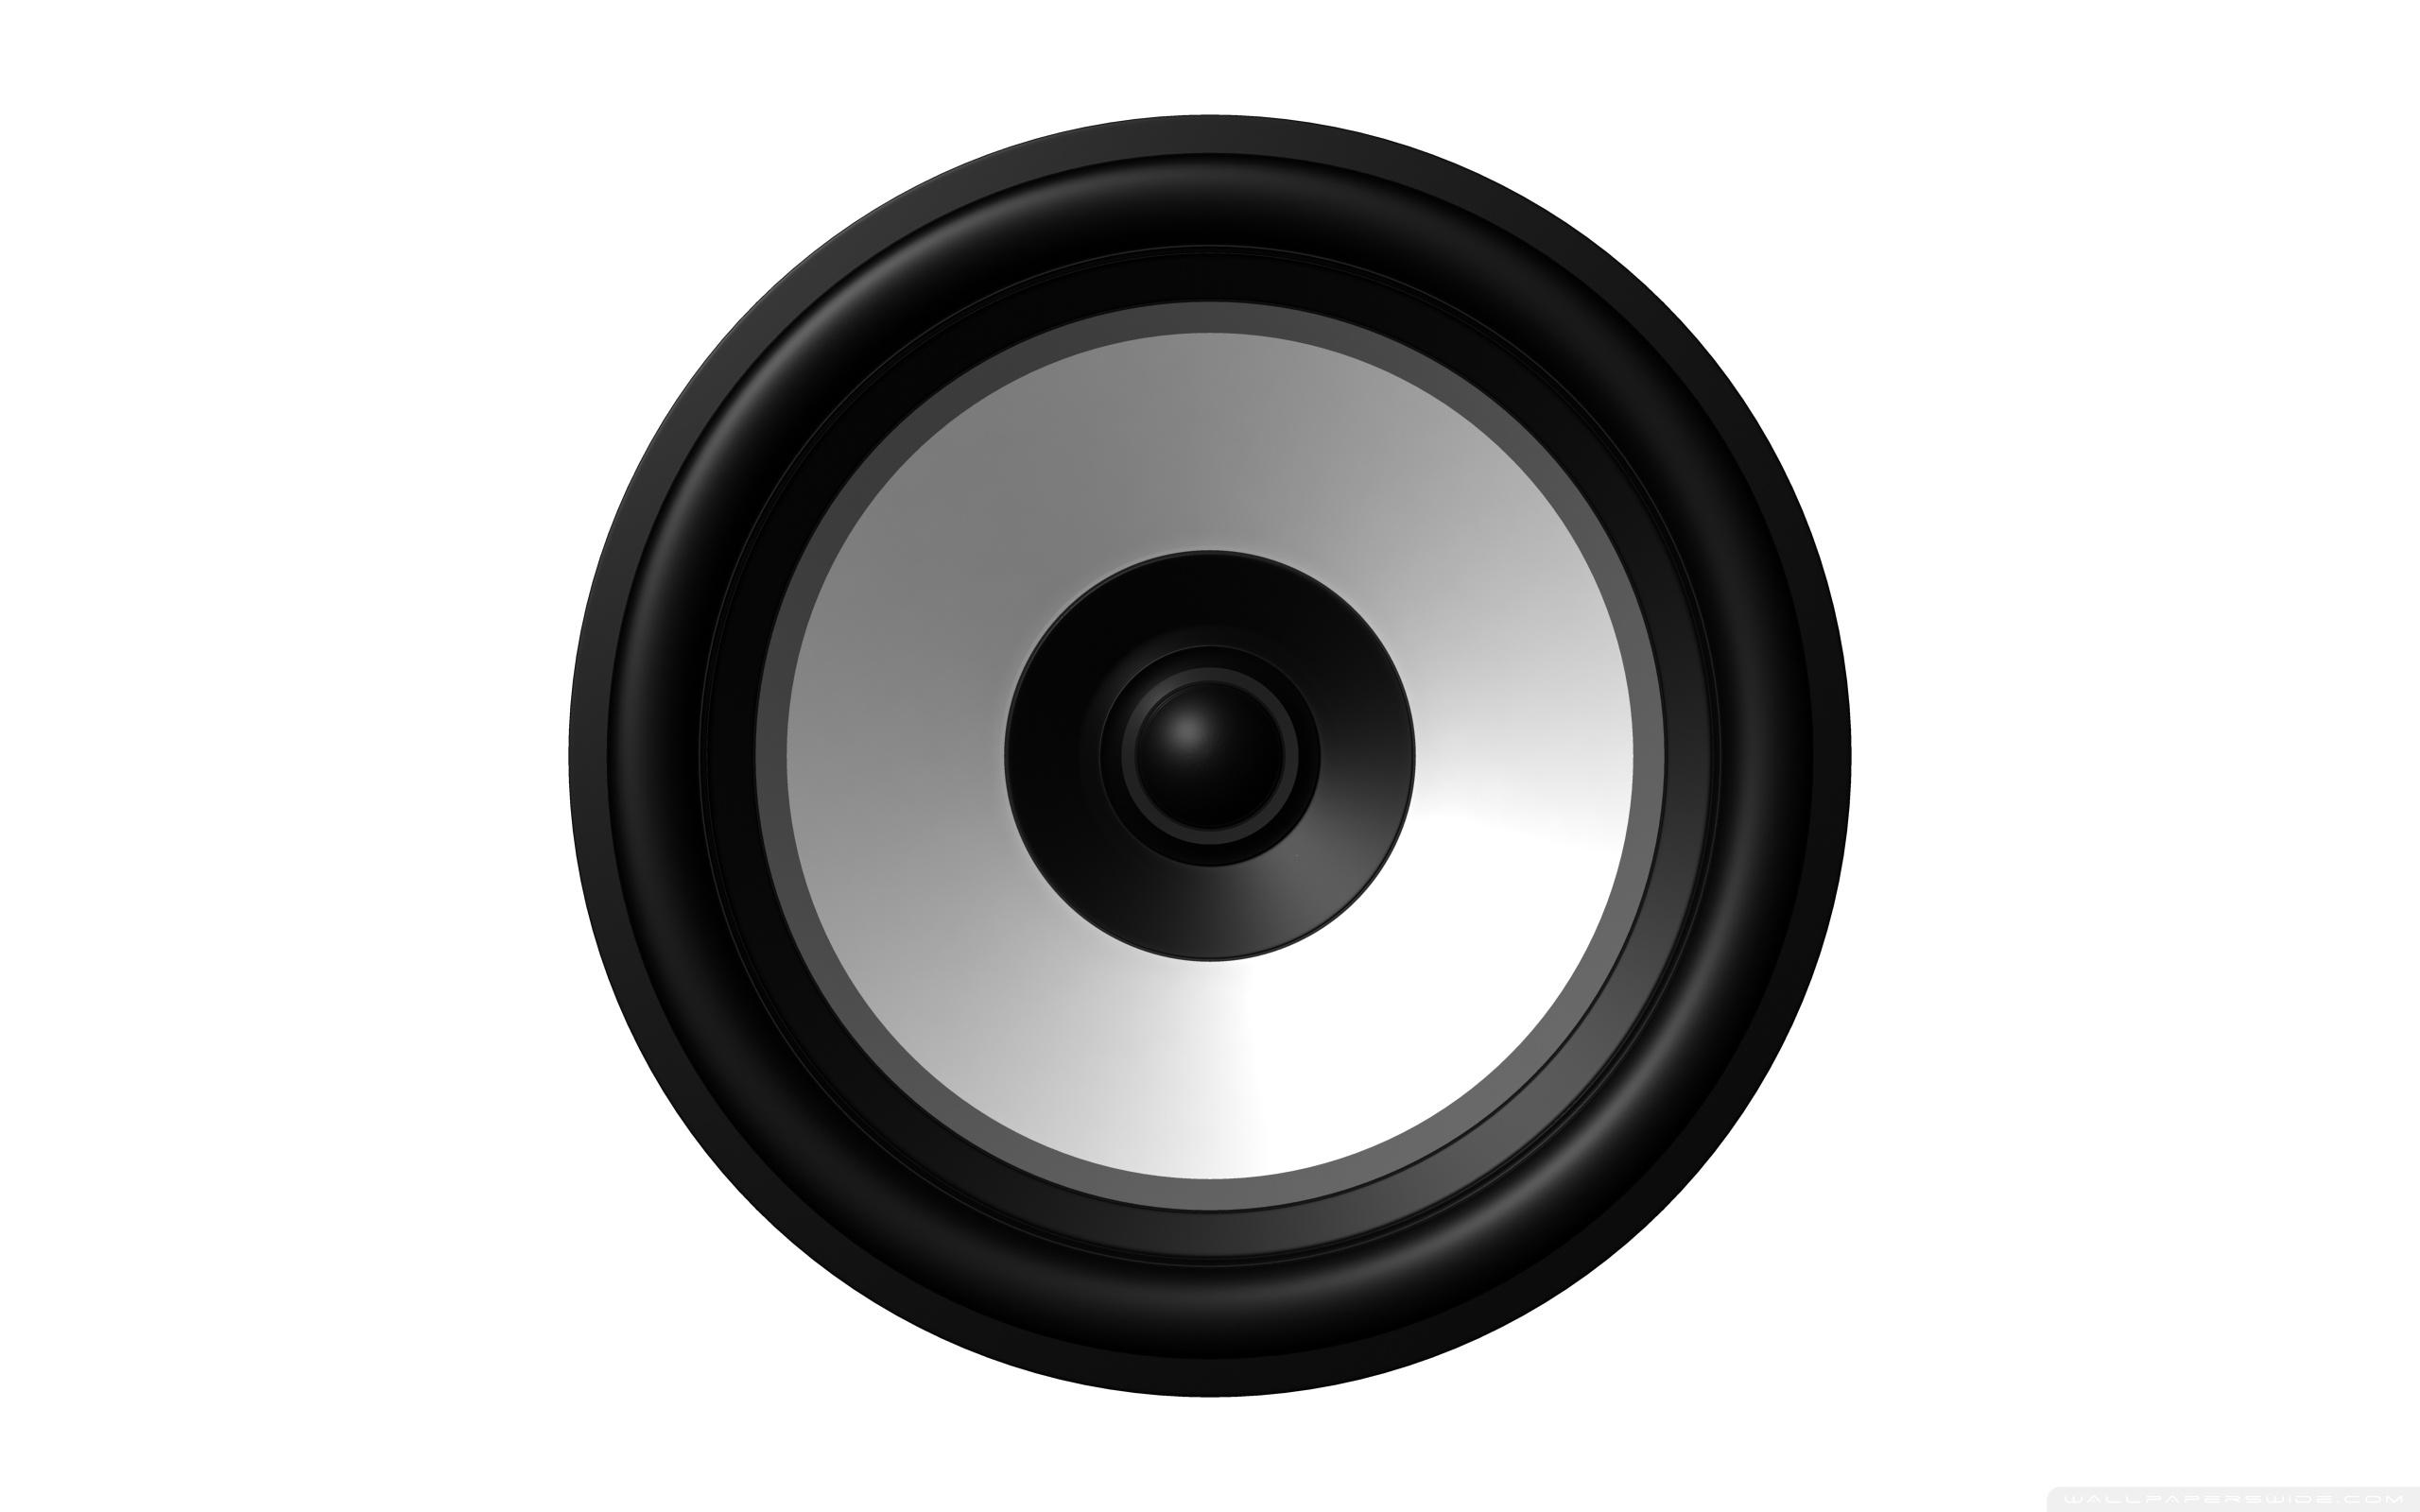 Speaker 4K HD Desktop Wallpaper For Ultra TV O Tablet